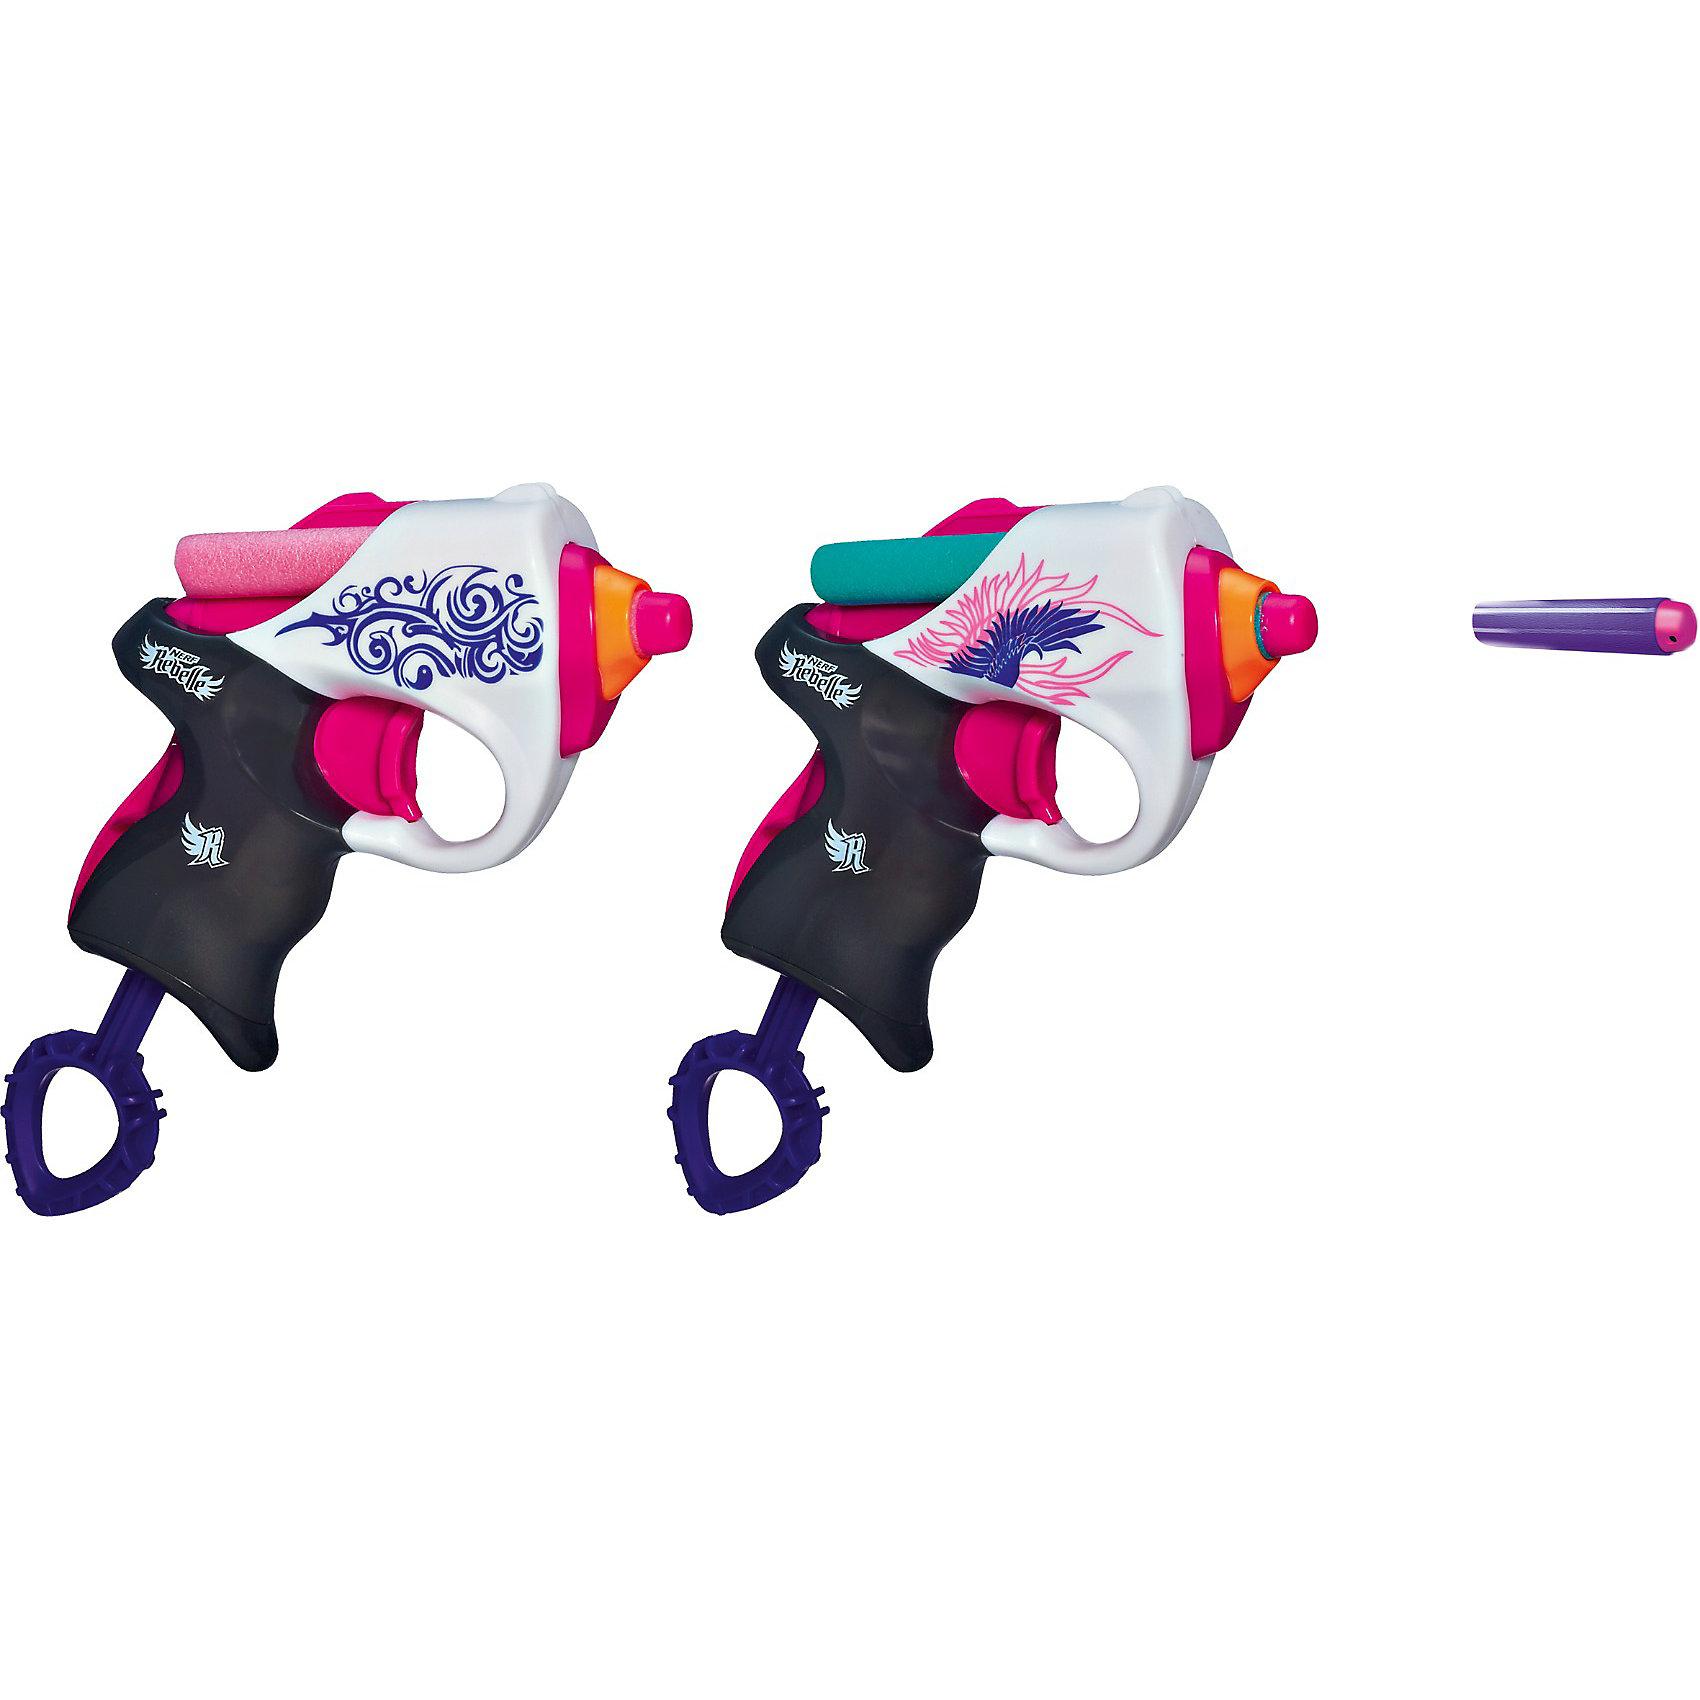 Мини-бластеры Сладкая парочка, N-RebelleИгрушечное оружие<br>Мини-бластеры Сладкая парочка, Nerf Rebelle - оригинальное элегантное оружие для девочек. В комплекте 2 стильных компактных бластера, выполненных в бело-розовых тонах и имеющих привлекательный дизайн с симпатичными узорами. Для того, чтобы начать игру, зарядите бластеры патронами, потяните вниз рукоятку, а затем нажмите на спусковой крючок для выстрела. Благодаря своей компактности и небольшим размерам бластеры легко помещаются в карман или сумку. Патроны выполнены из мягкого материала и не опасны для детей.<br><br>Дополнительная информация:<br><br>- В комплекте: 2 бластера, 4 безопасных стрелы.<br>- Материал: высококачественная пластмасса.<br>- Размер упаковки: 29,5 x 4,5 x 20 см.<br>- Вес: 0,7 кг.<br><br>Мини-бластеры Сладкая парочка, Nerf Rebelle (Нерф) можно купить в нашем интернет-магазине.<br><br>Ширина мм: 304<br>Глубина мм: 200<br>Высота мм: 48<br>Вес г: 279<br>Возраст от месяцев: 96<br>Возраст до месяцев: 144<br>Пол: Женский<br>Возраст: Детский<br>SKU: 3222061